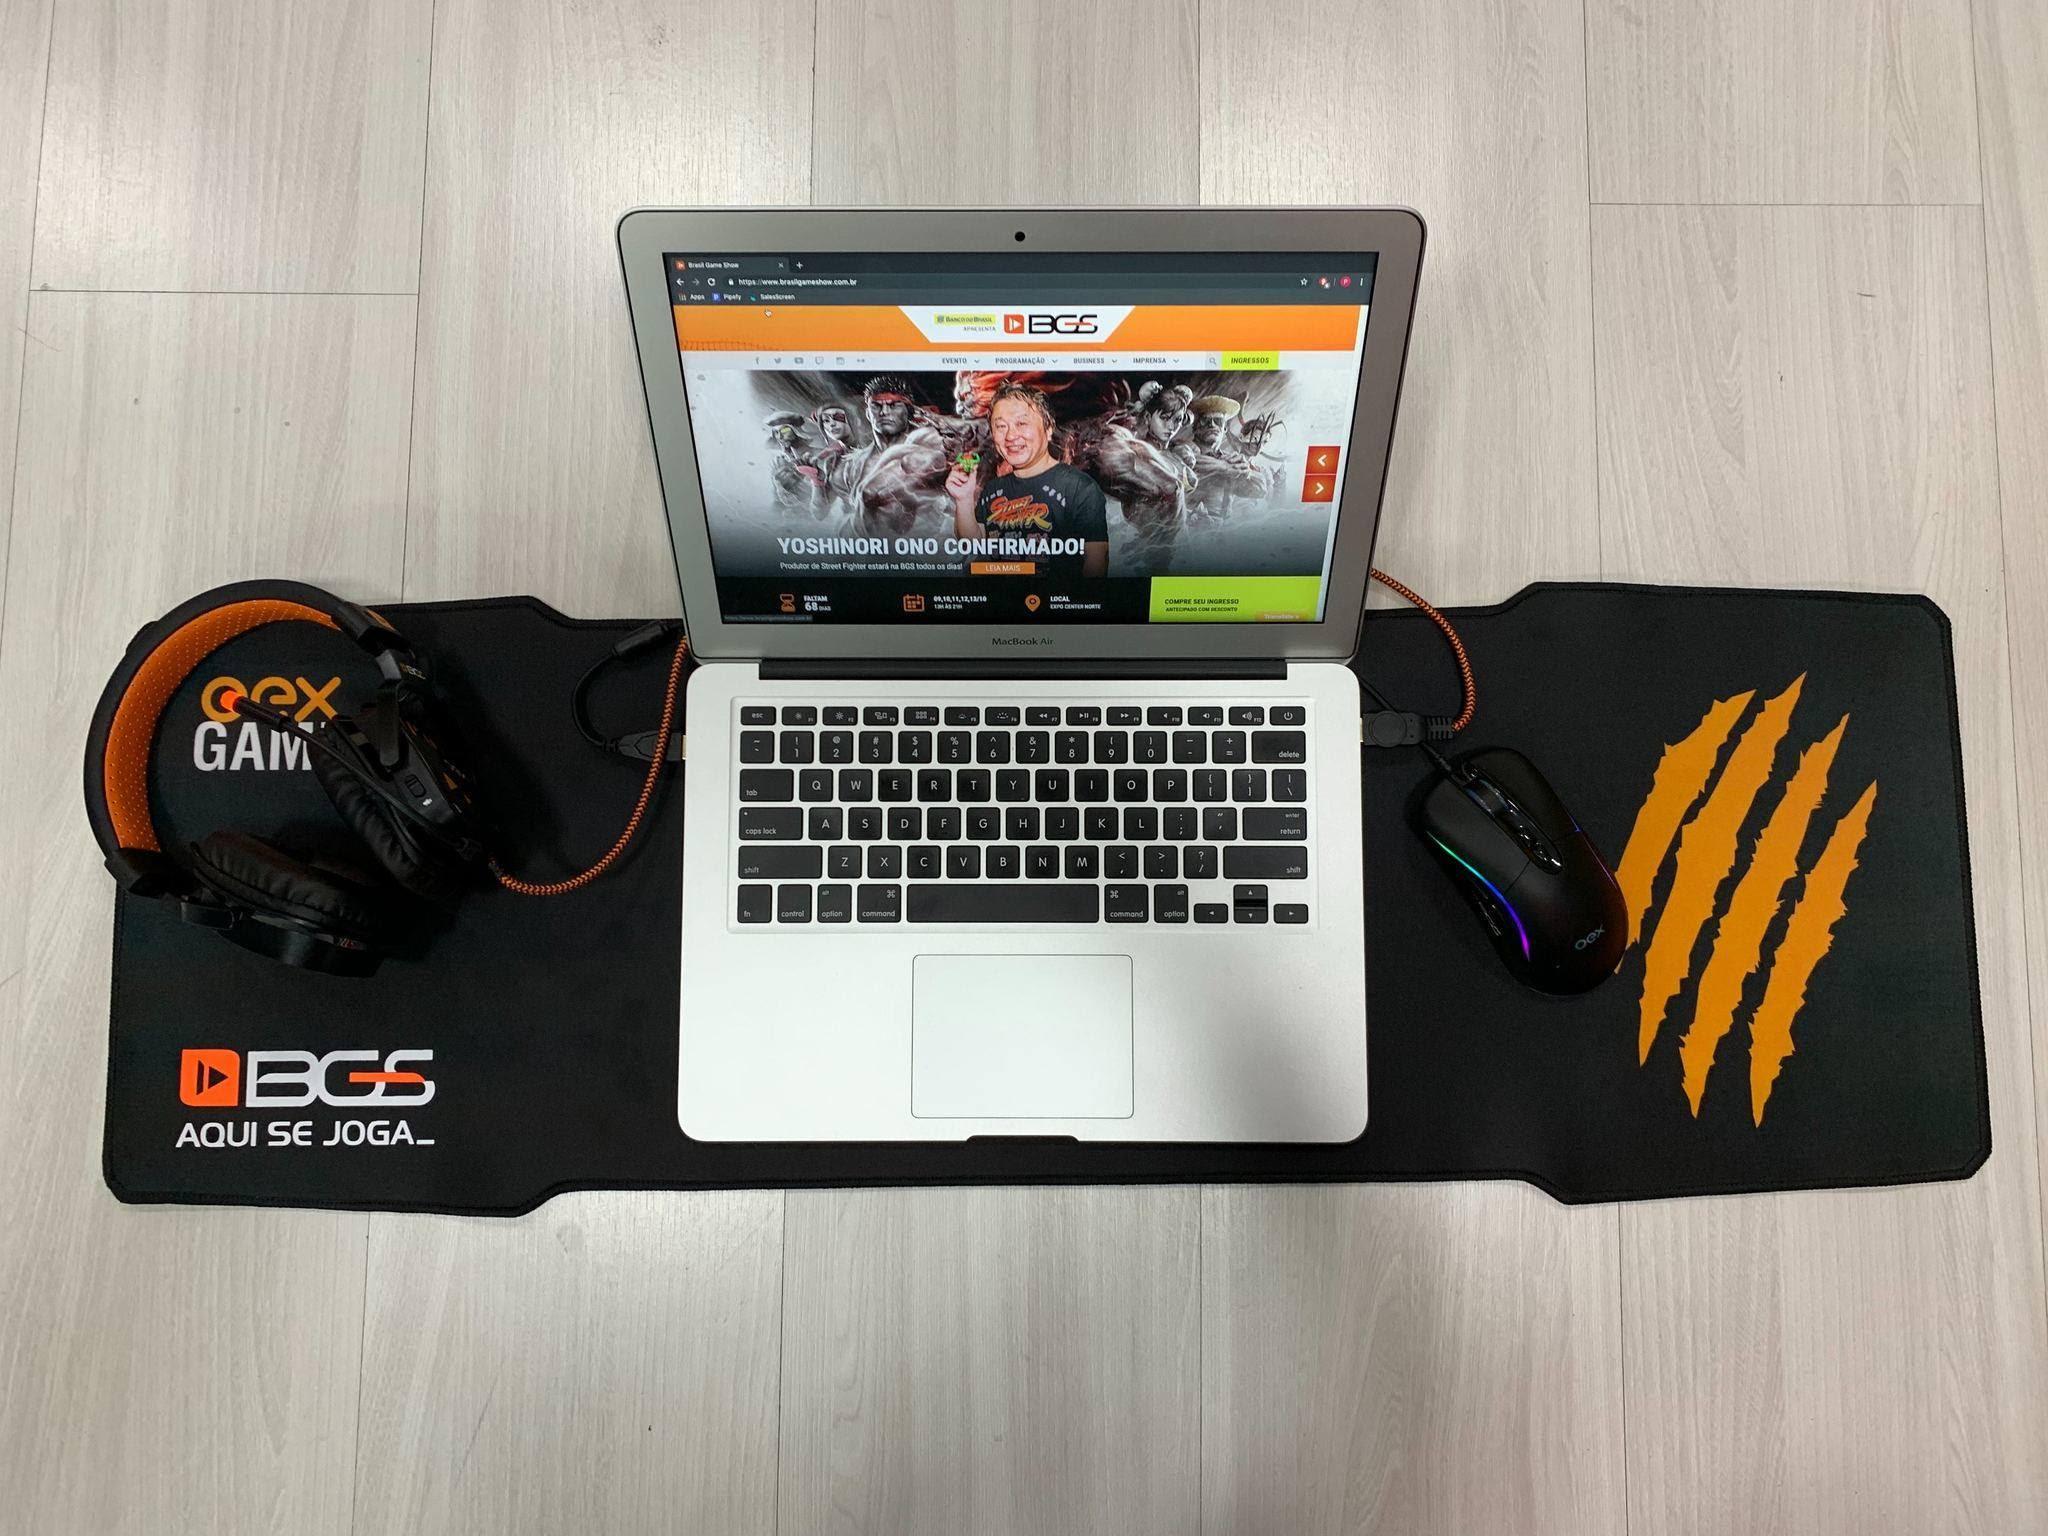 OEX traz lançamentos de teclados, fones e preços promocionais na BGS 2019